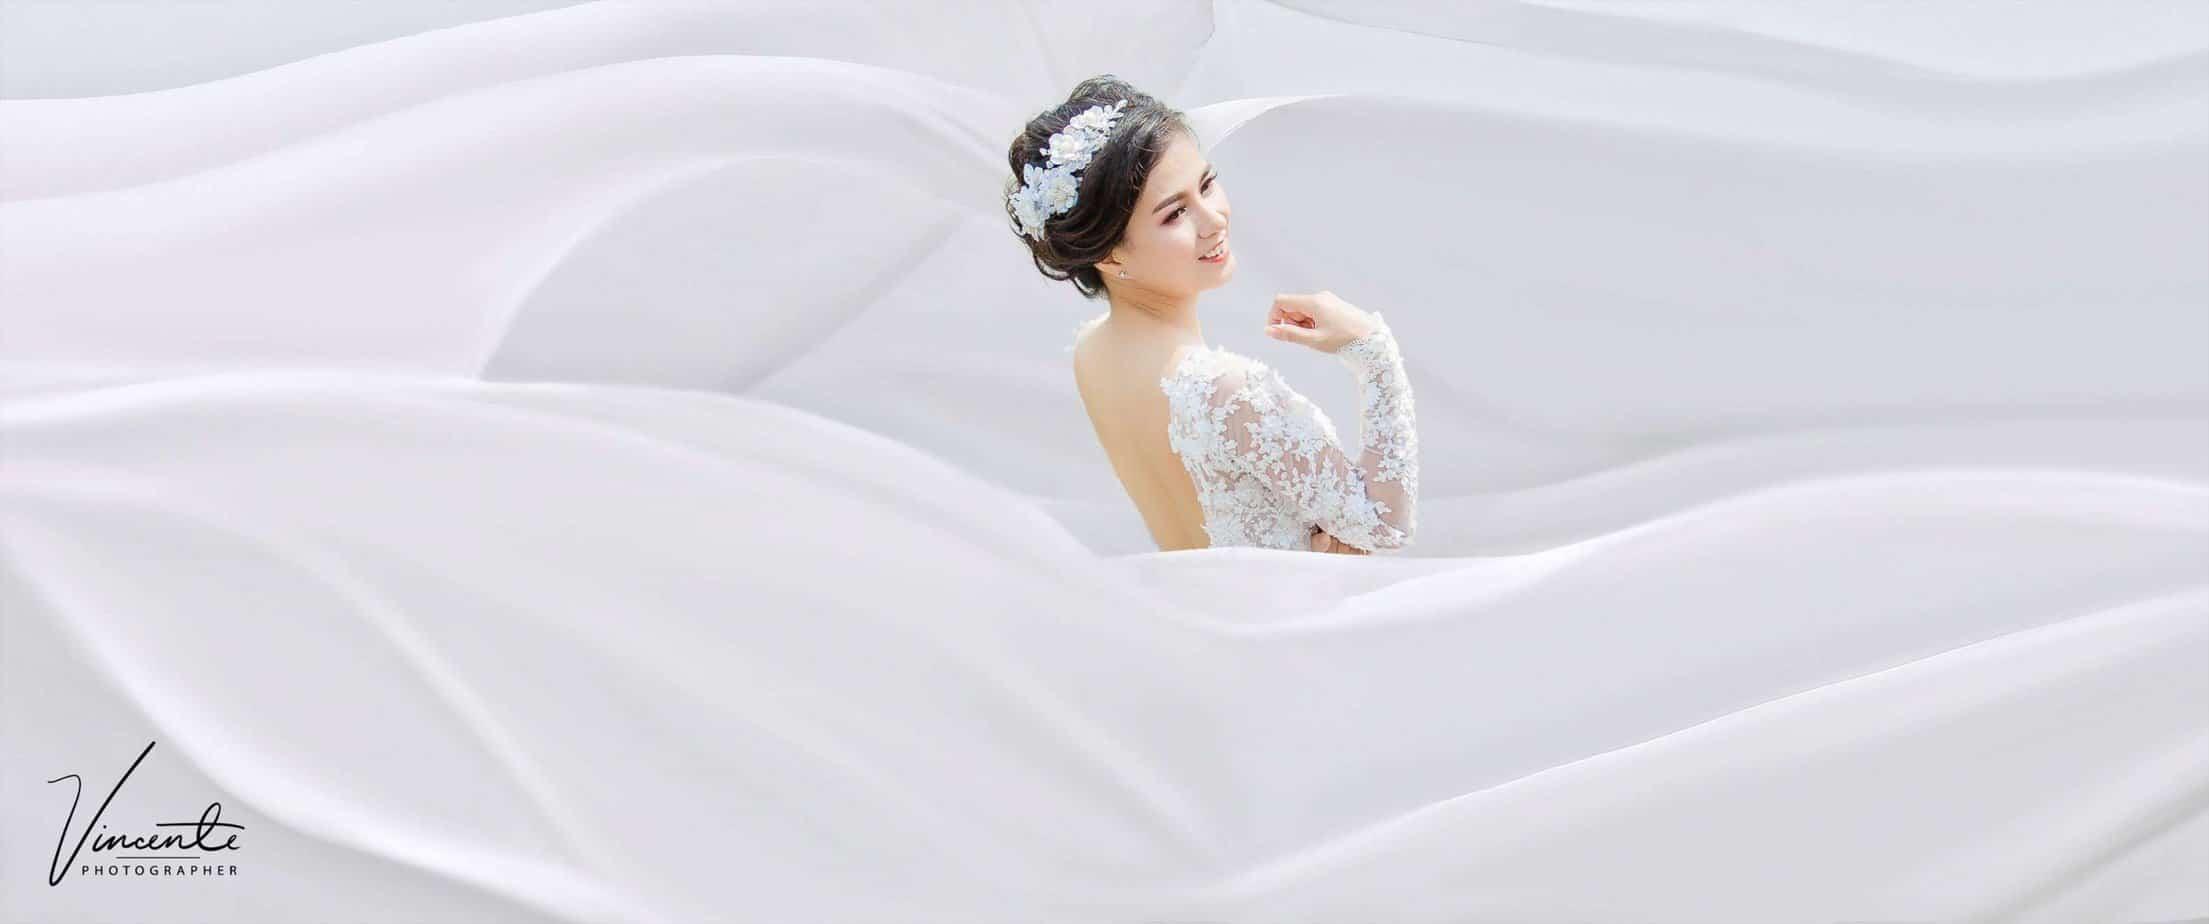 Top 10 Địa Chỉ Trang Điểm Cô Dâu Đẹp Xuất Sắc Tại Nha Trang -  - Chang Make Up | Cường Trần Studio | Lyn Artist 27